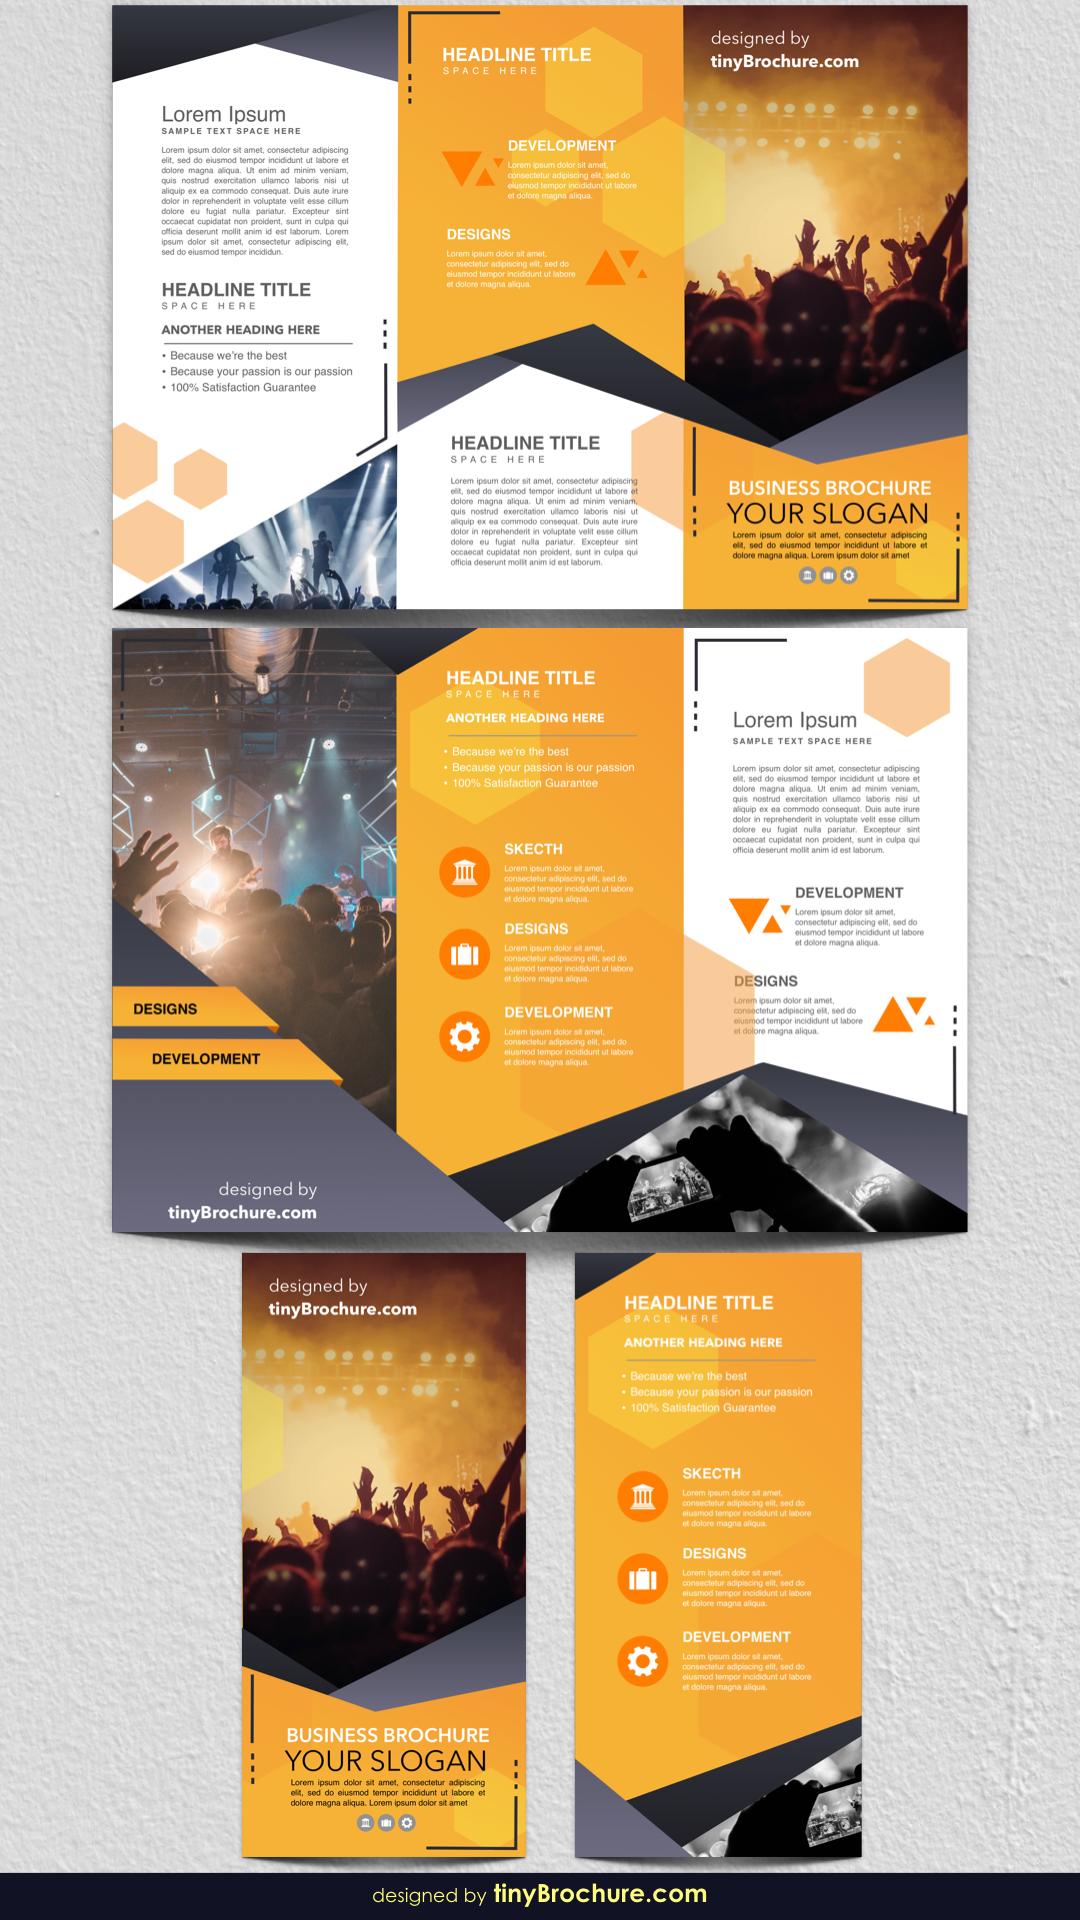 brochure examples 2019